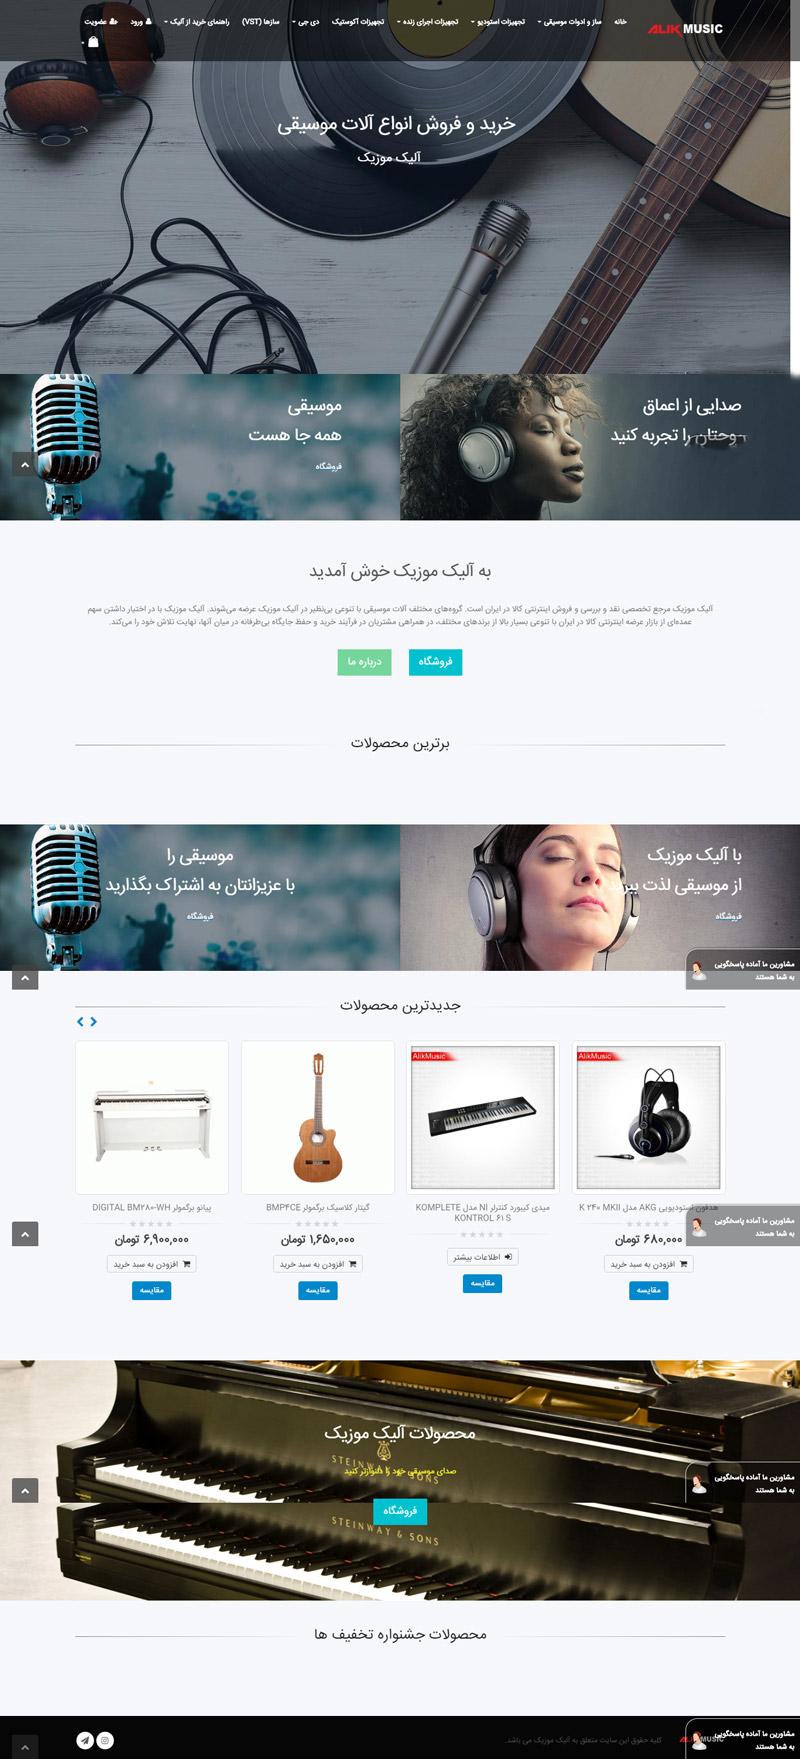 طراحی سایت فروشگاه لوازم موسیقی آلیک موزیک